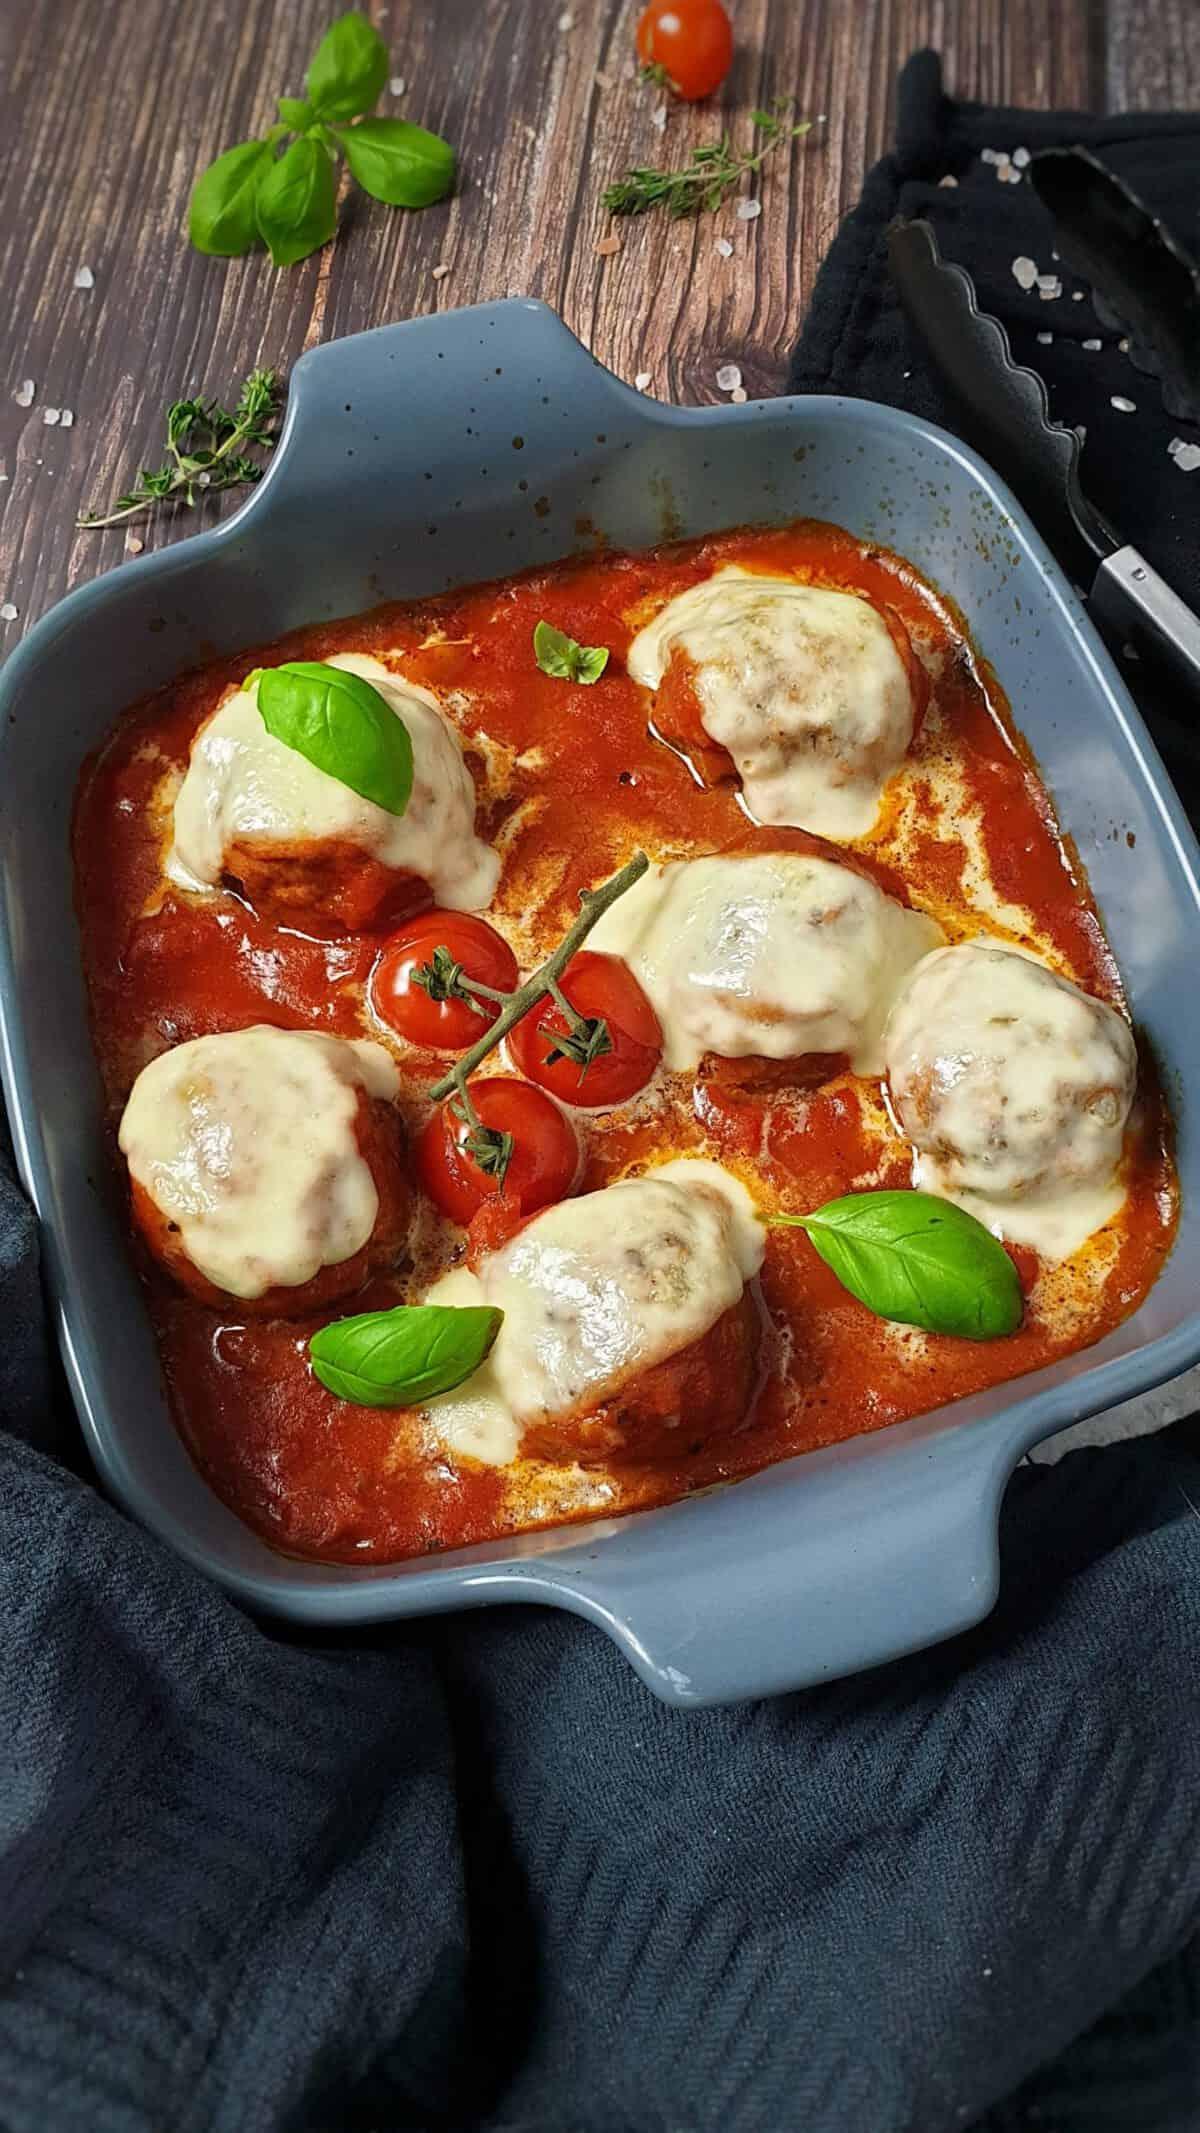 In einer grauen Auflaufform überbackene Ofen Hackbällchen mit Mozzarella in Tomatensoße.